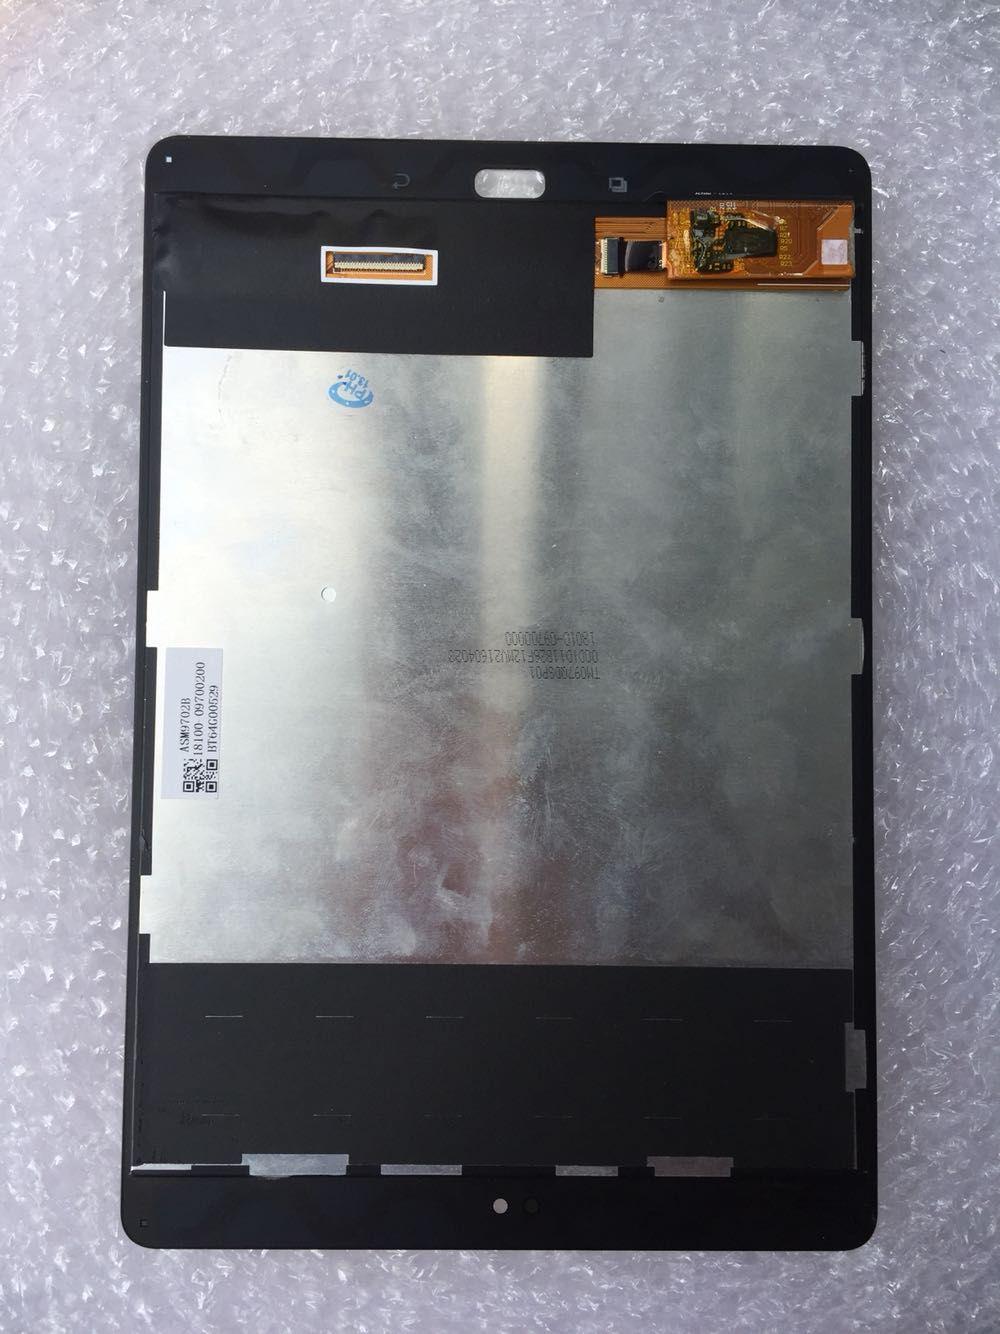 Para ASUS ZenPad 3 S 10 Z500M P027 Z500KL P001 Pantalla LCD Digitalizador Pantalla Táctil Sensor de Matriz Partes Tablet PC asamblea